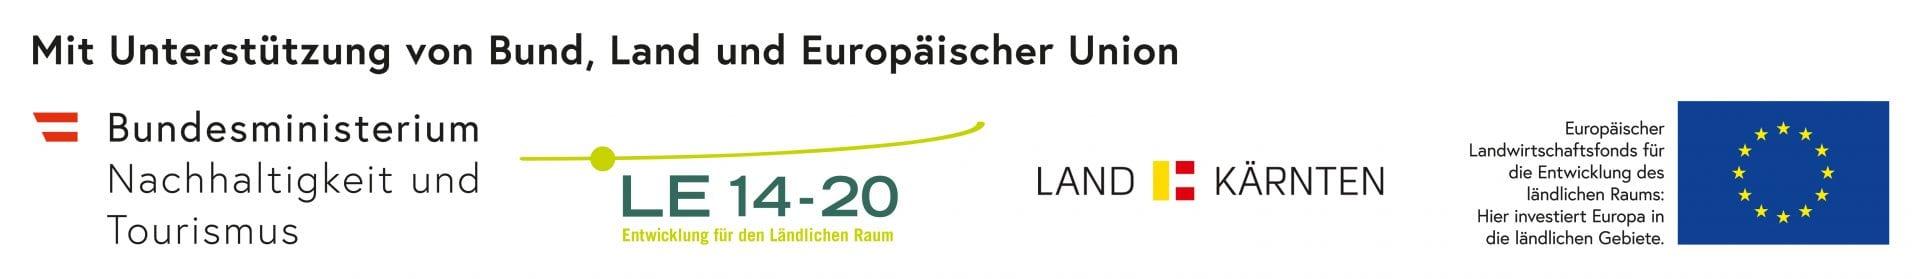 Bund_Land_EU_ELER_DE_farbig_kaerntnermilch